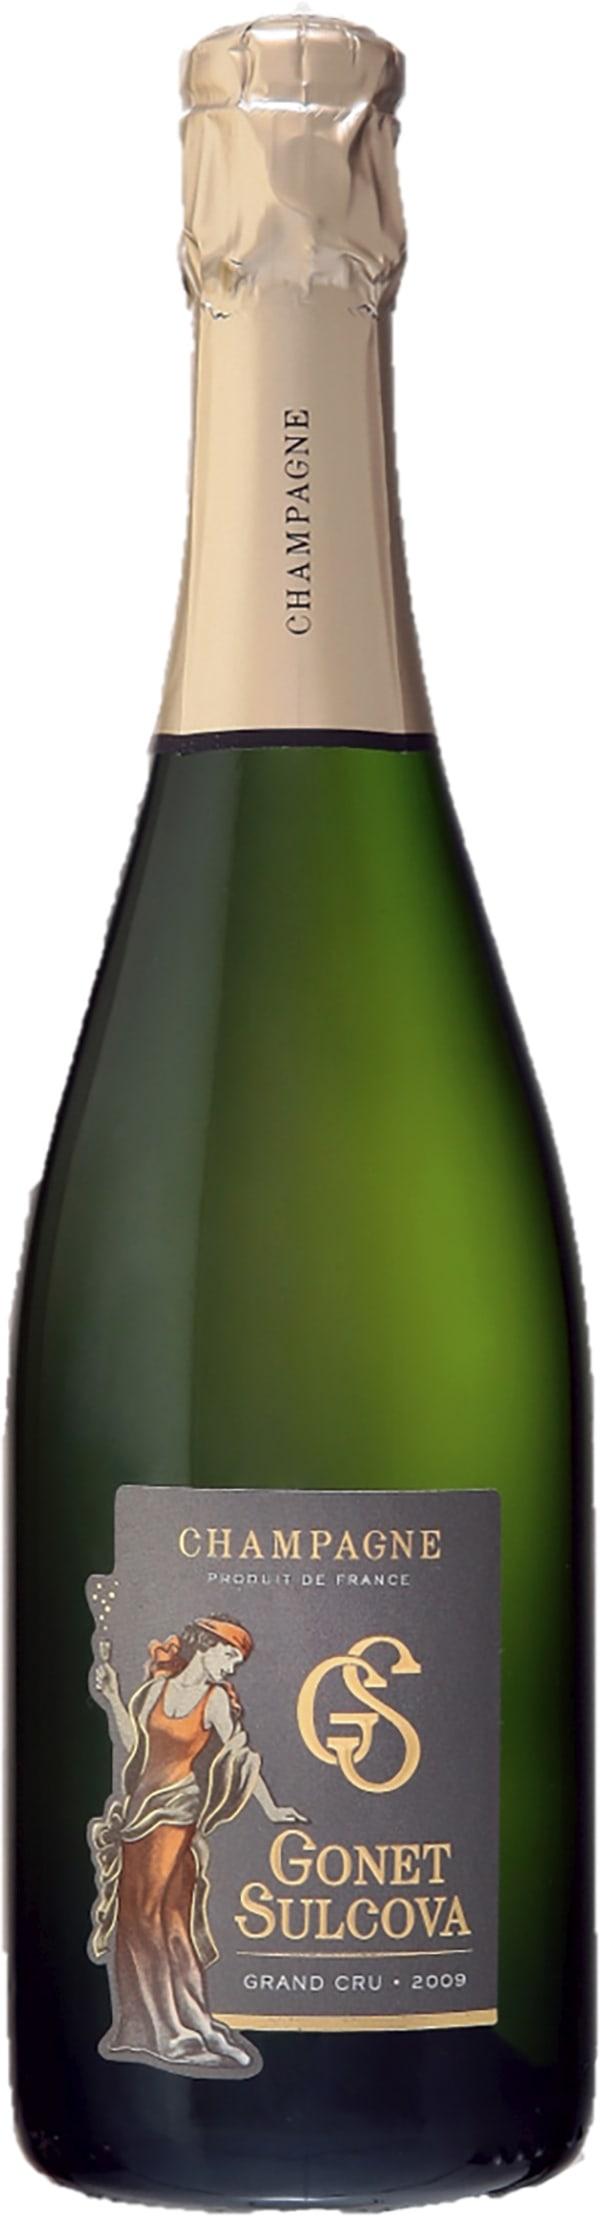 Gonet Sulcova Grand Cru Millésime Champagne Brut 2010